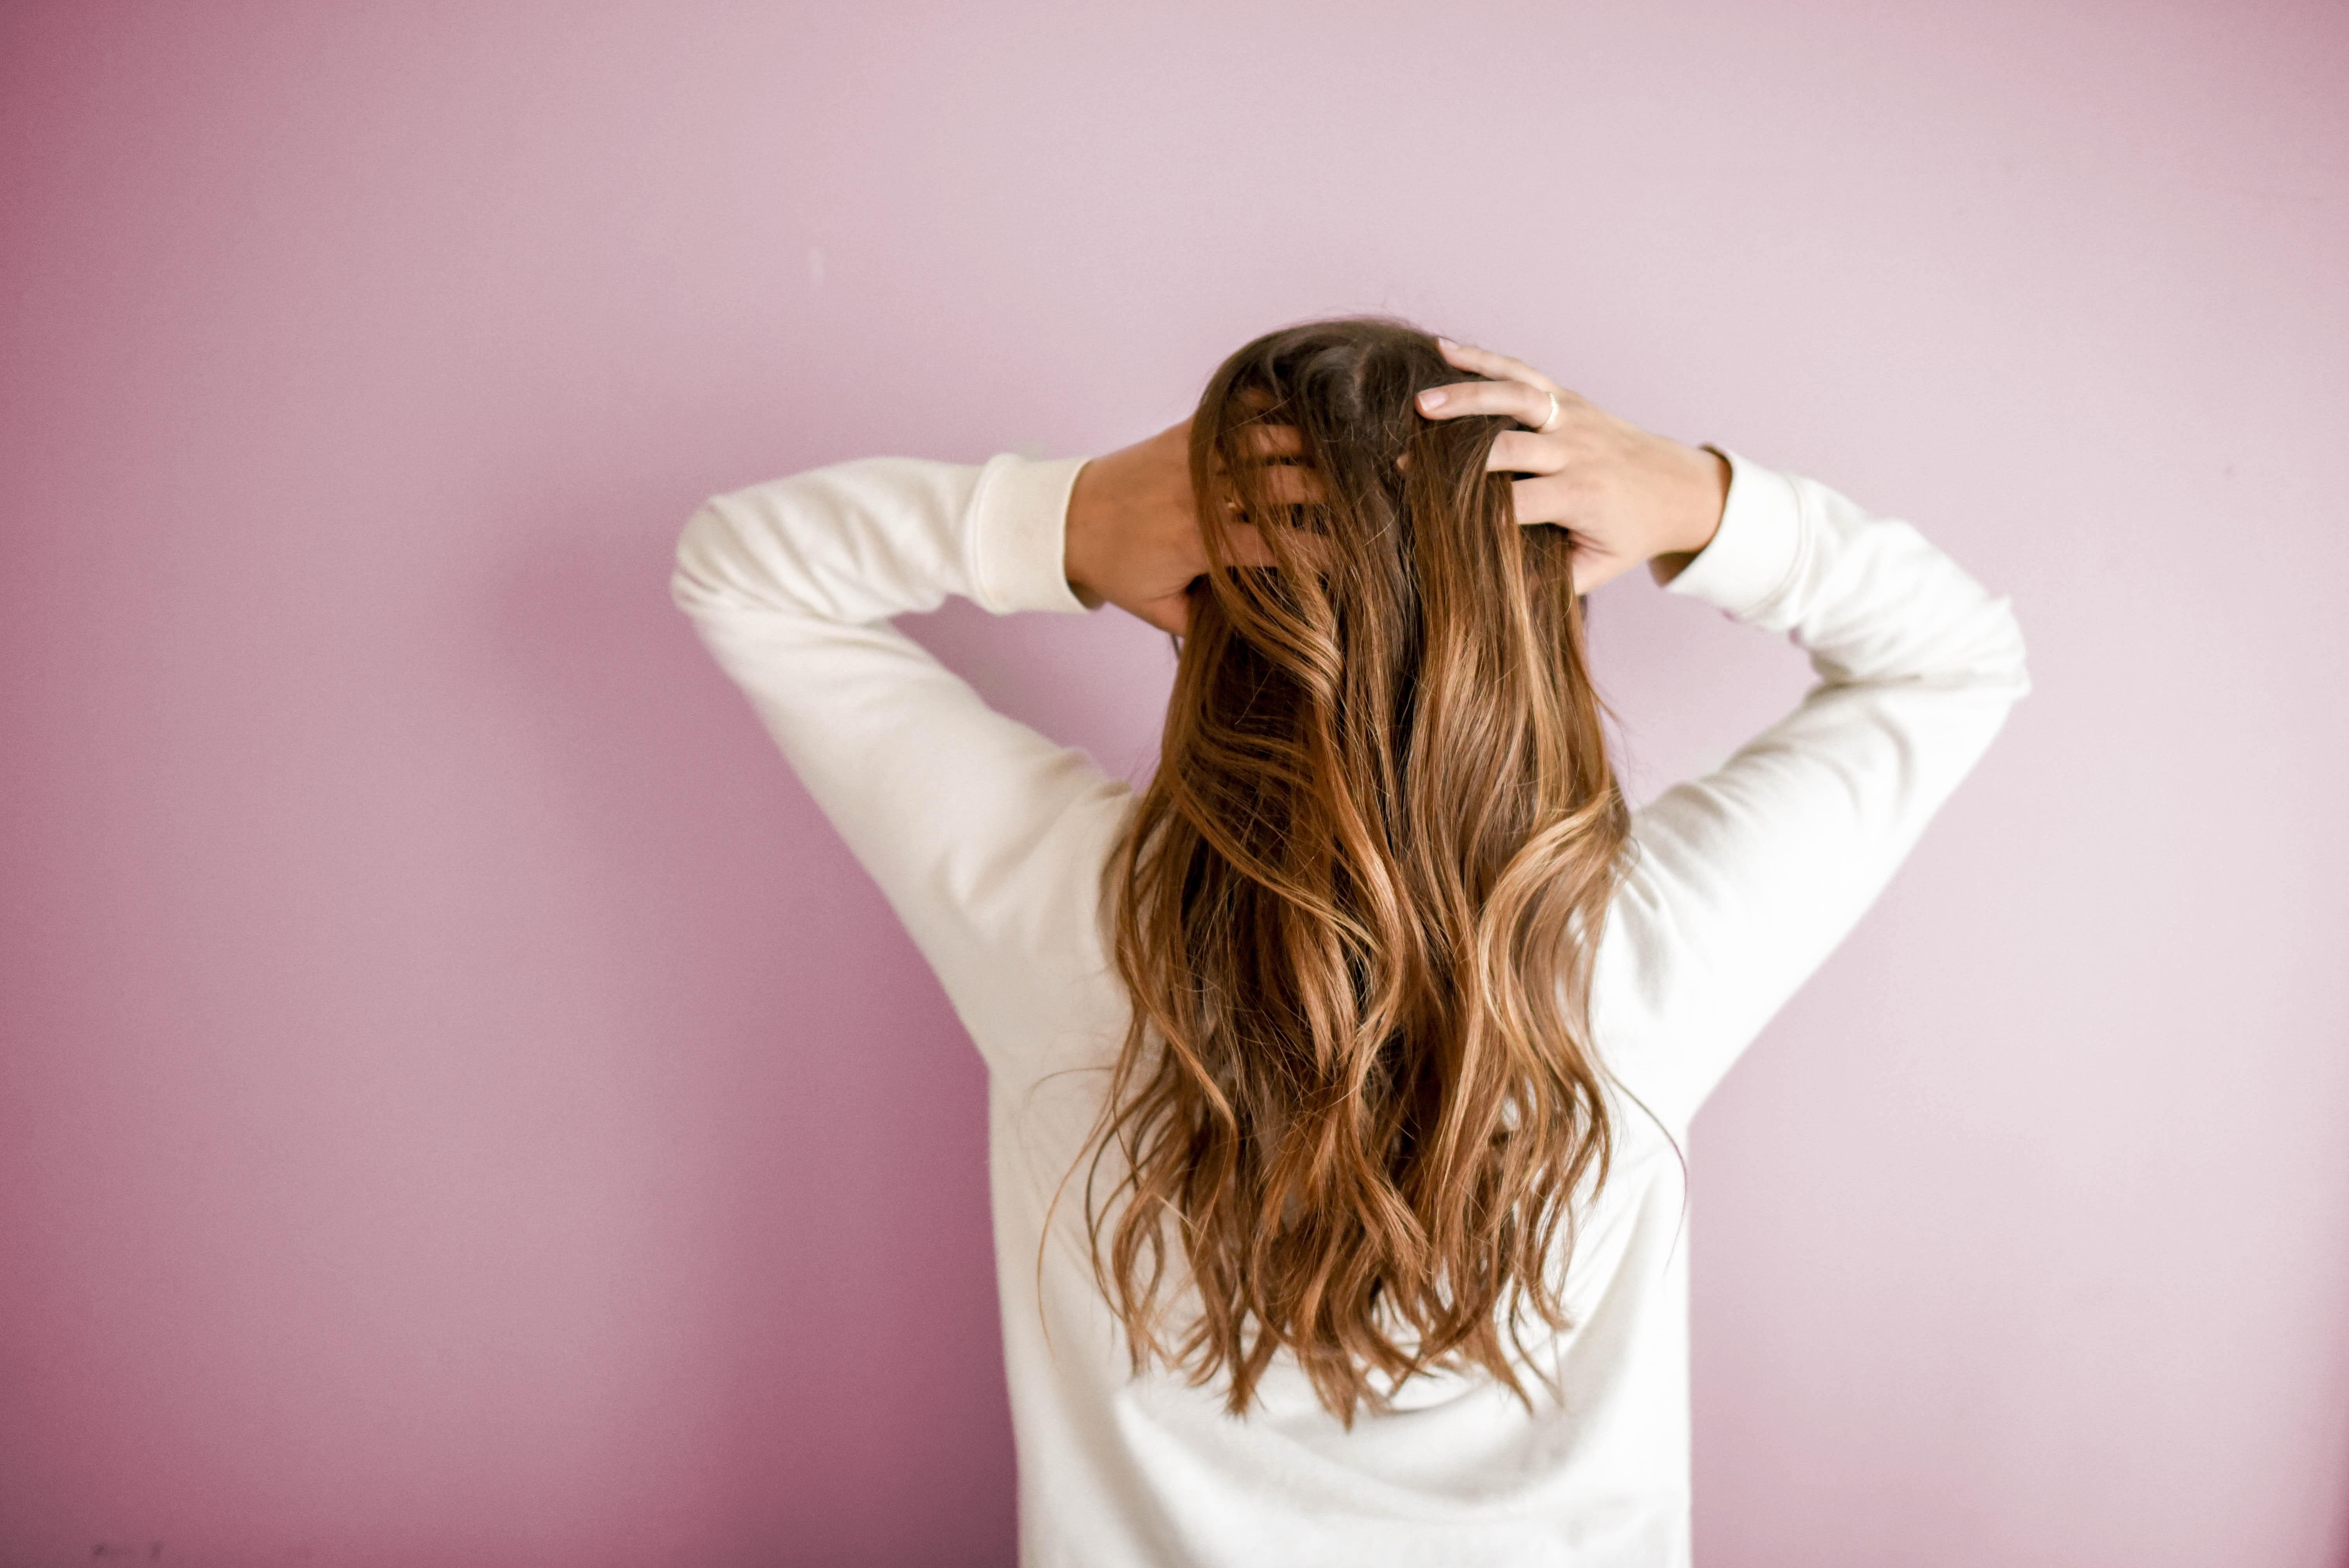 西安在哪里买假发?效果好吗?